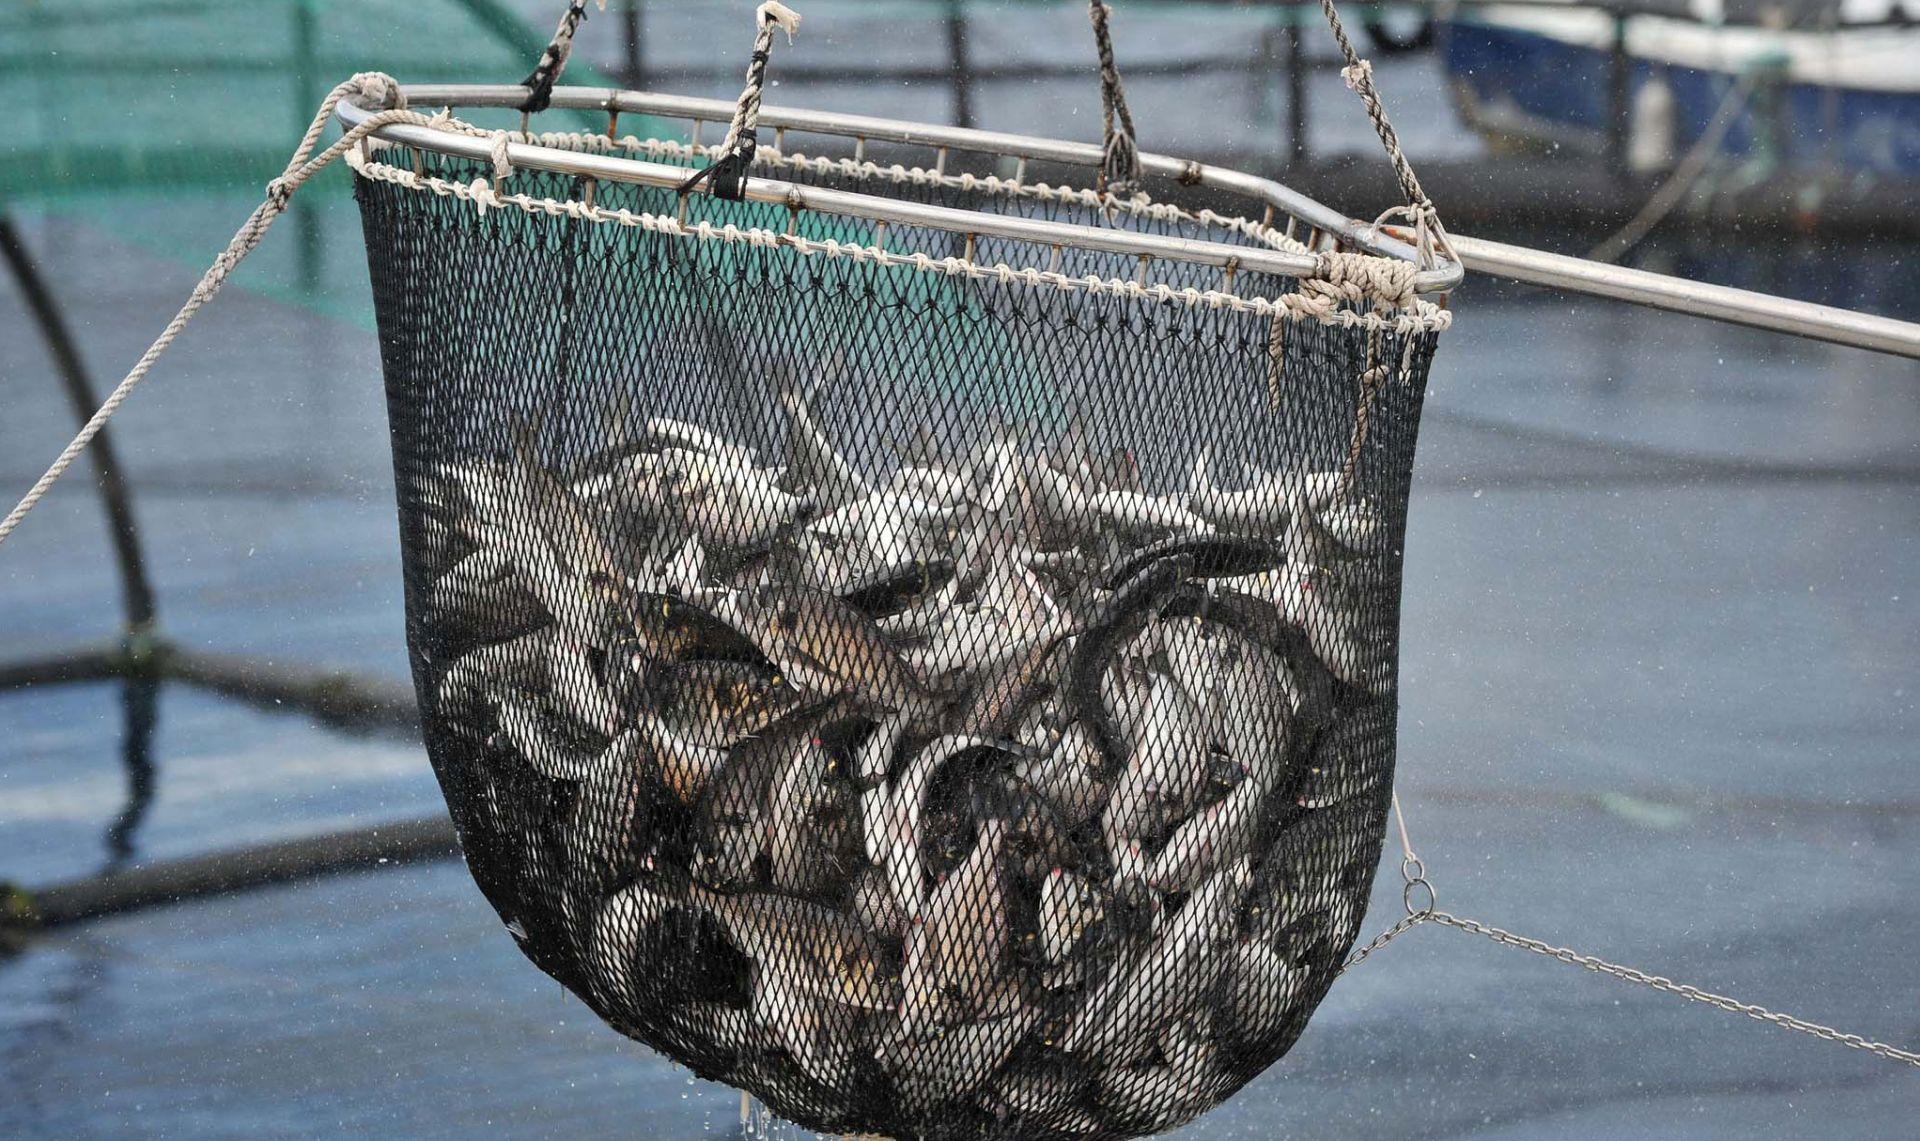 Hrvatski državljanin pokušao krijumčariti 200 kg ribe iz RH u BiH